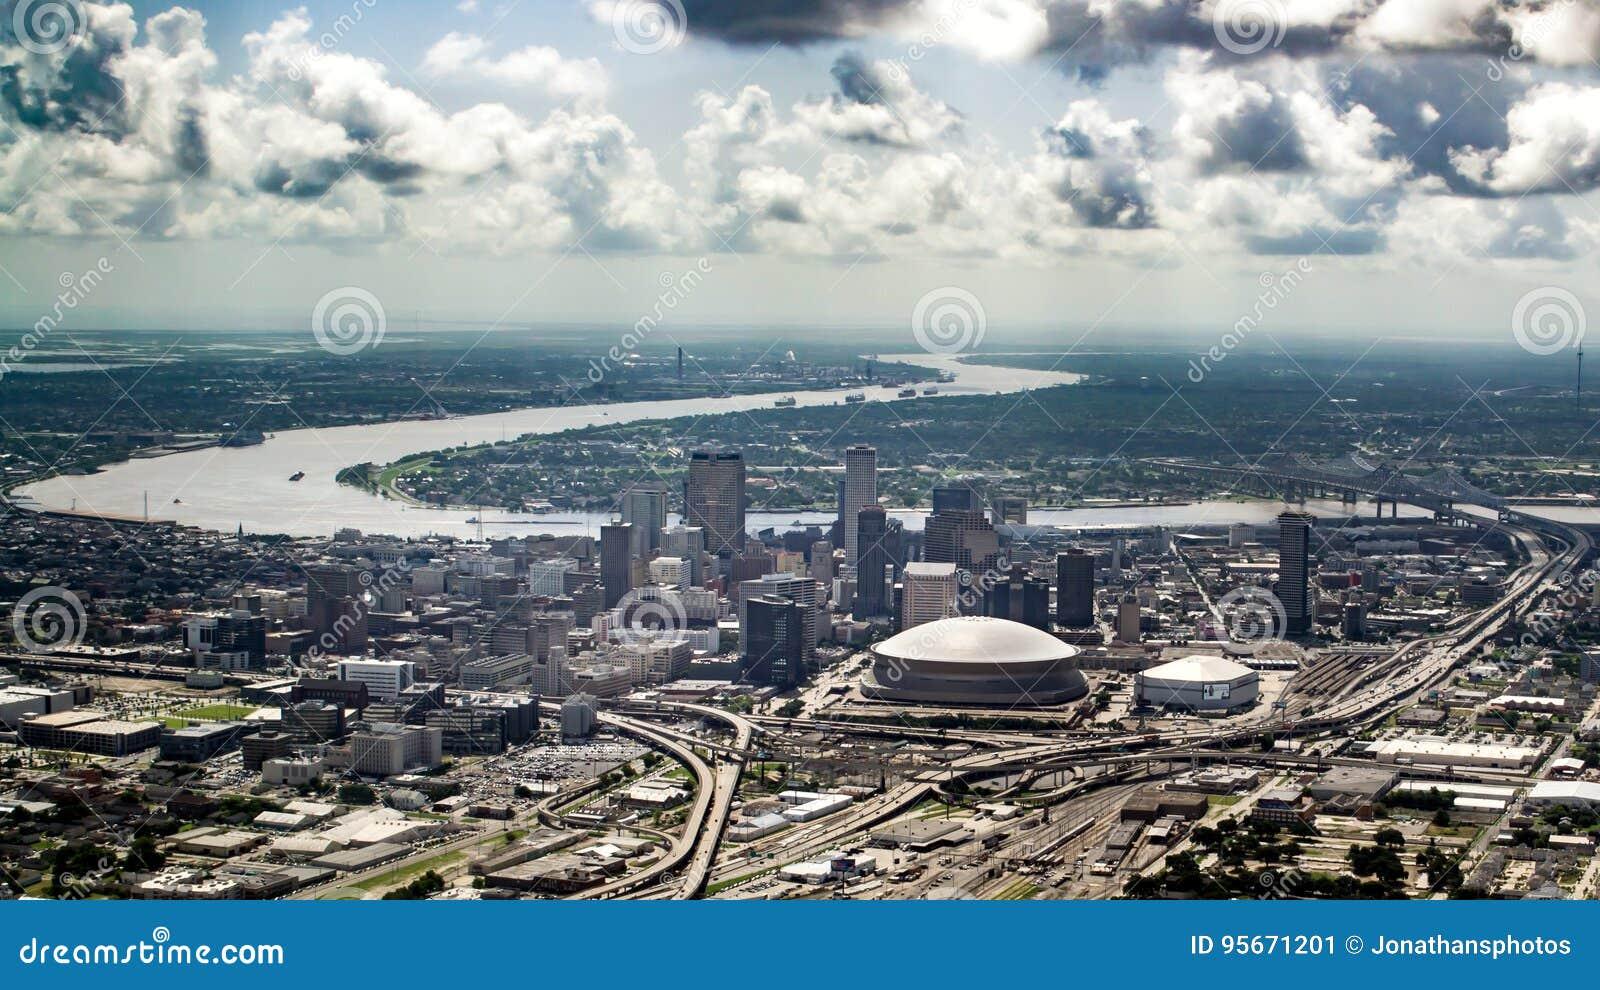 Widok z lotu ptaka rzeka mississippi i śródmieście, Nowy Orlean, Luizjana